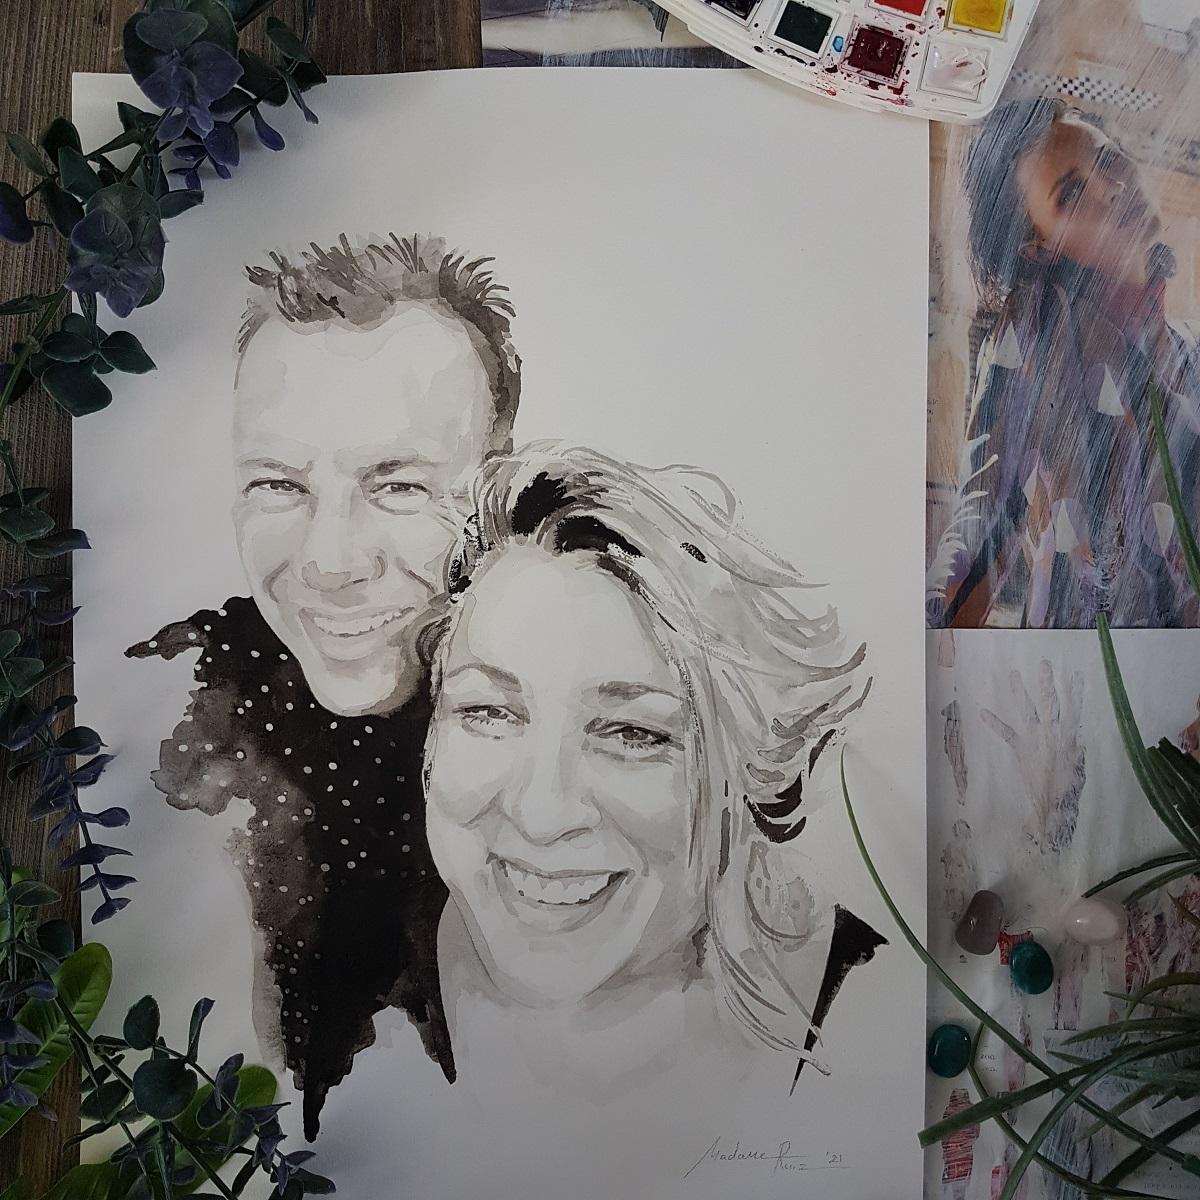 liefdesportret Aafke en Wilco contrastrijk inkt portret